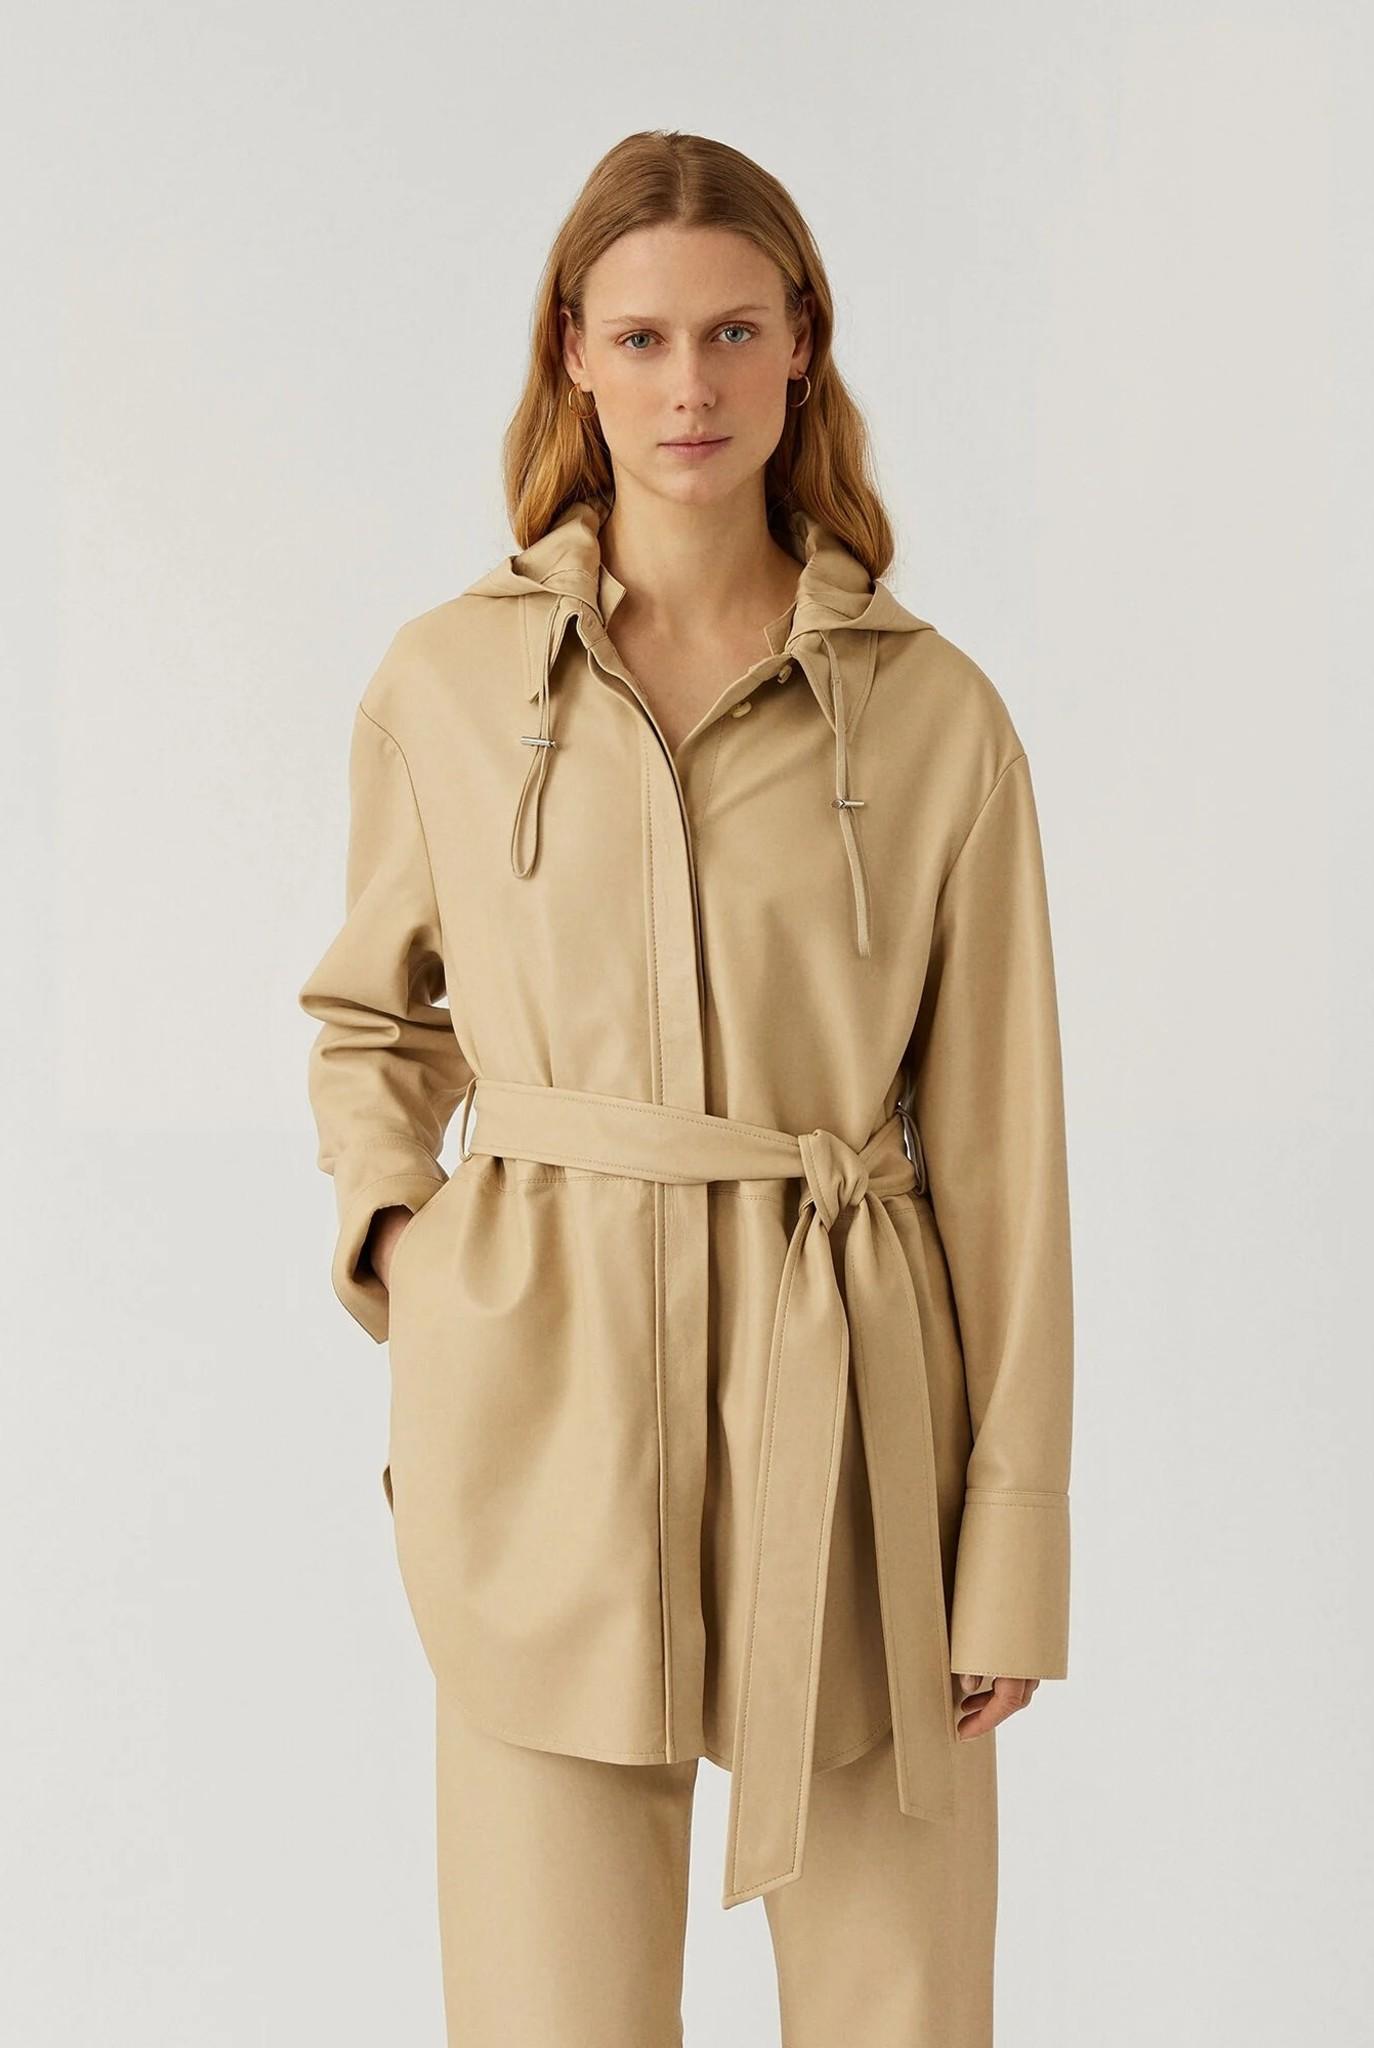 Jala Nappa Leather Jacket Mastic